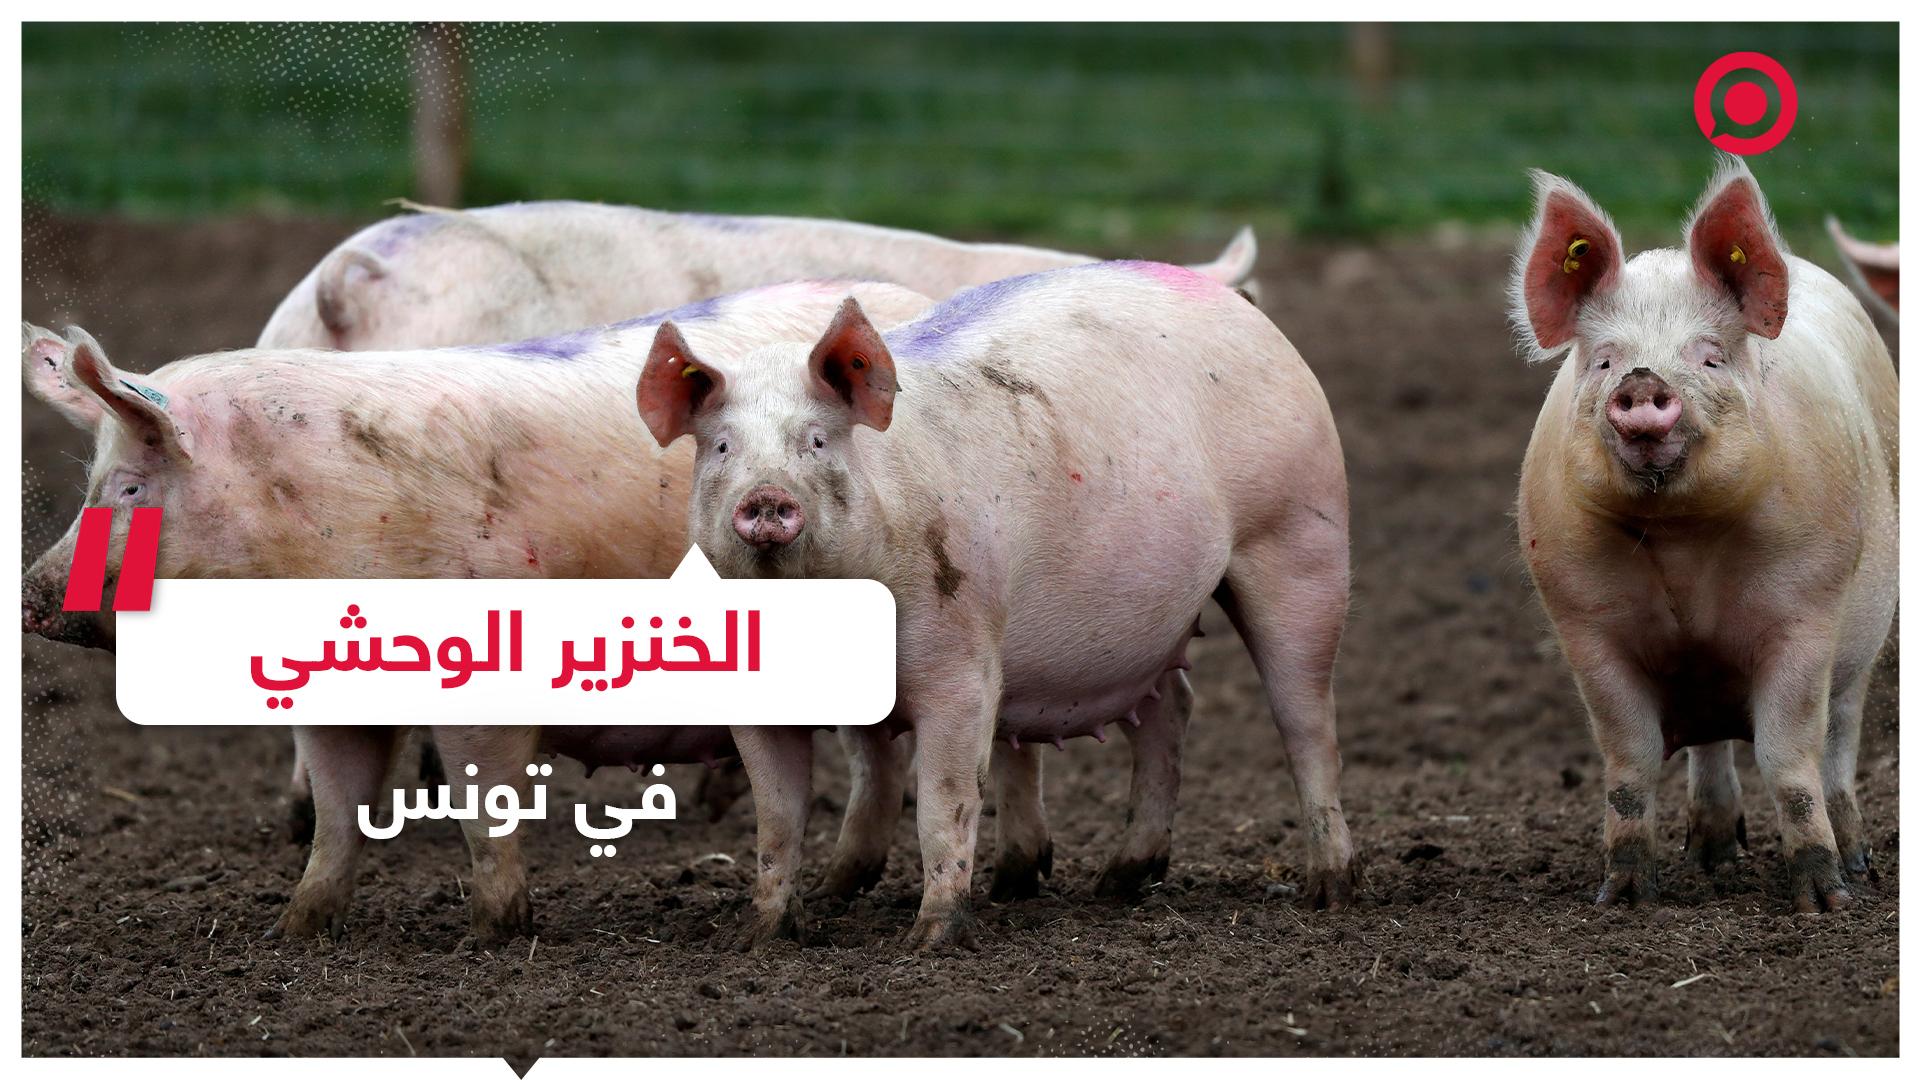 الخنزير الوحشي يجتاح مناطق في تونس